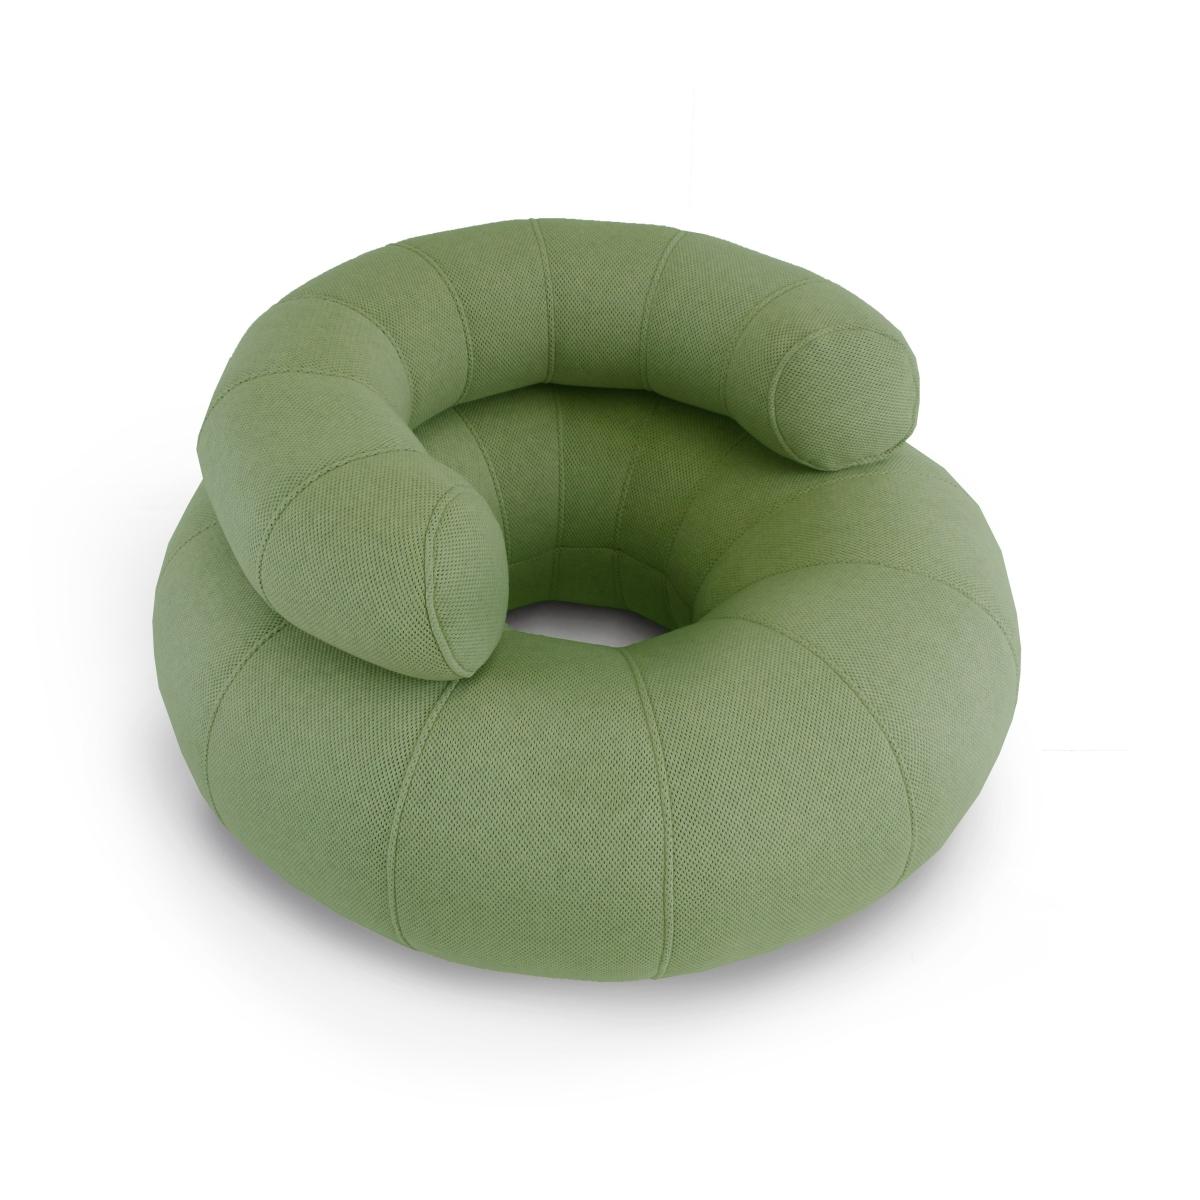 Foto de Don Out Sofa, colchoneta en Green L. OGO